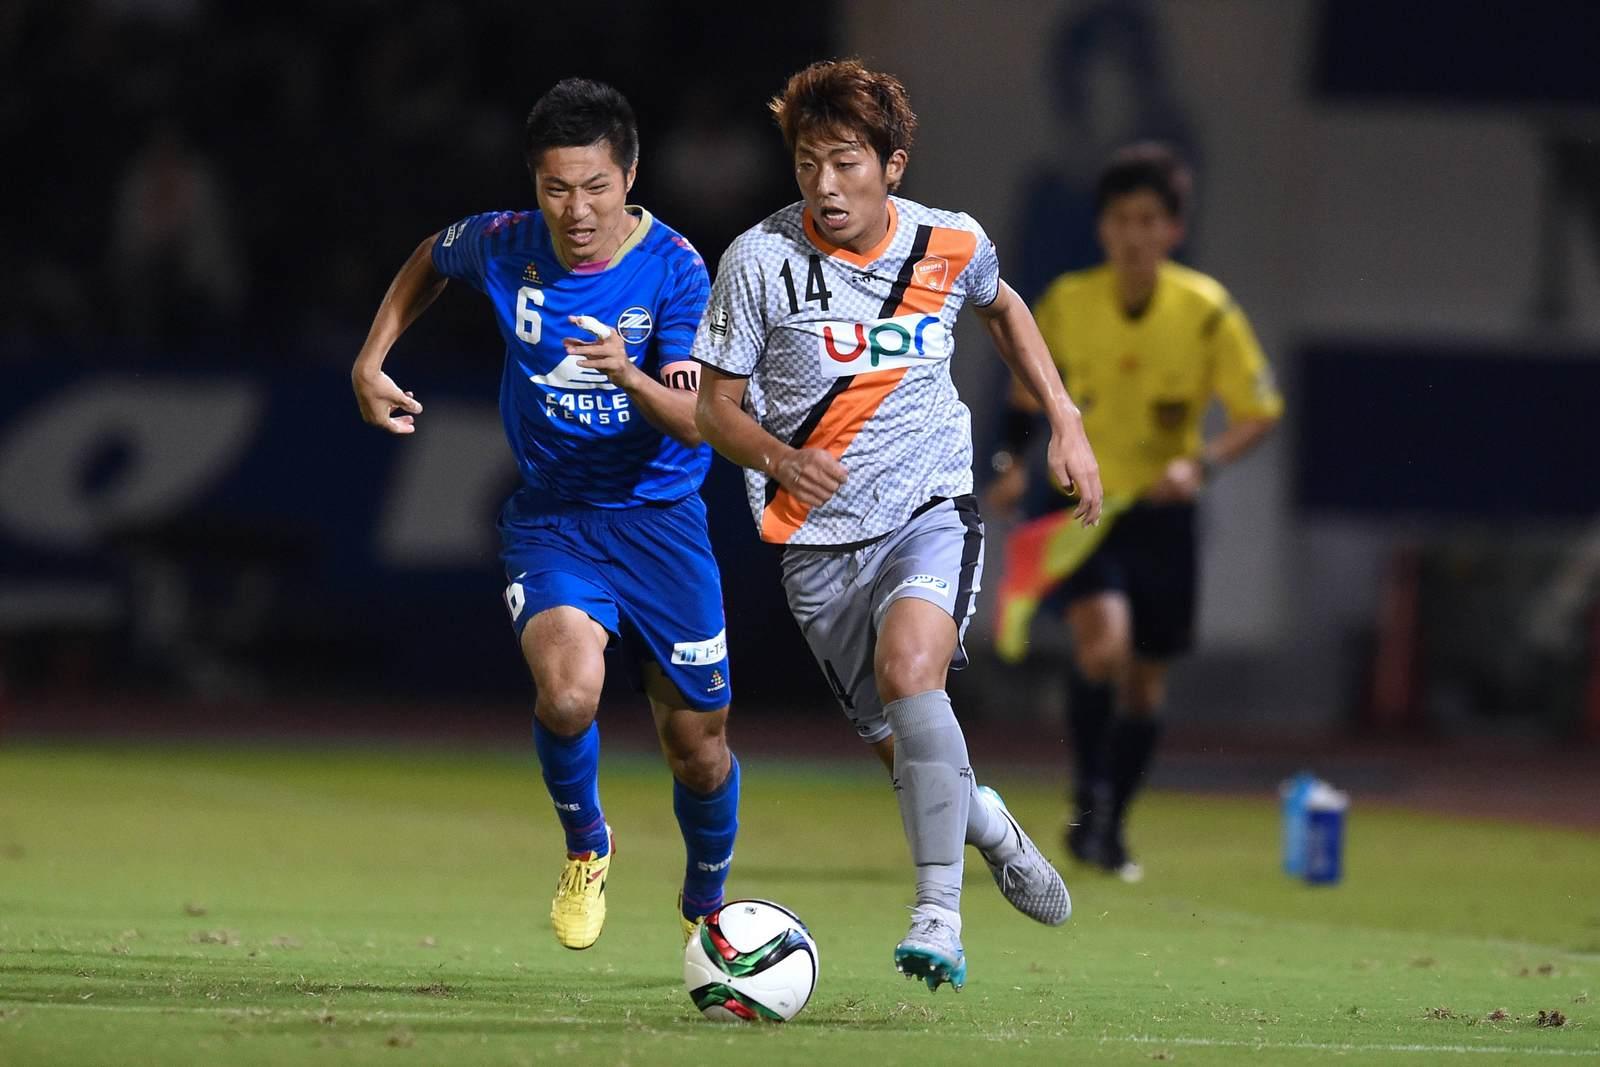 Kazuki Kozuka (rechts) im Duell mit Ri Han Jae